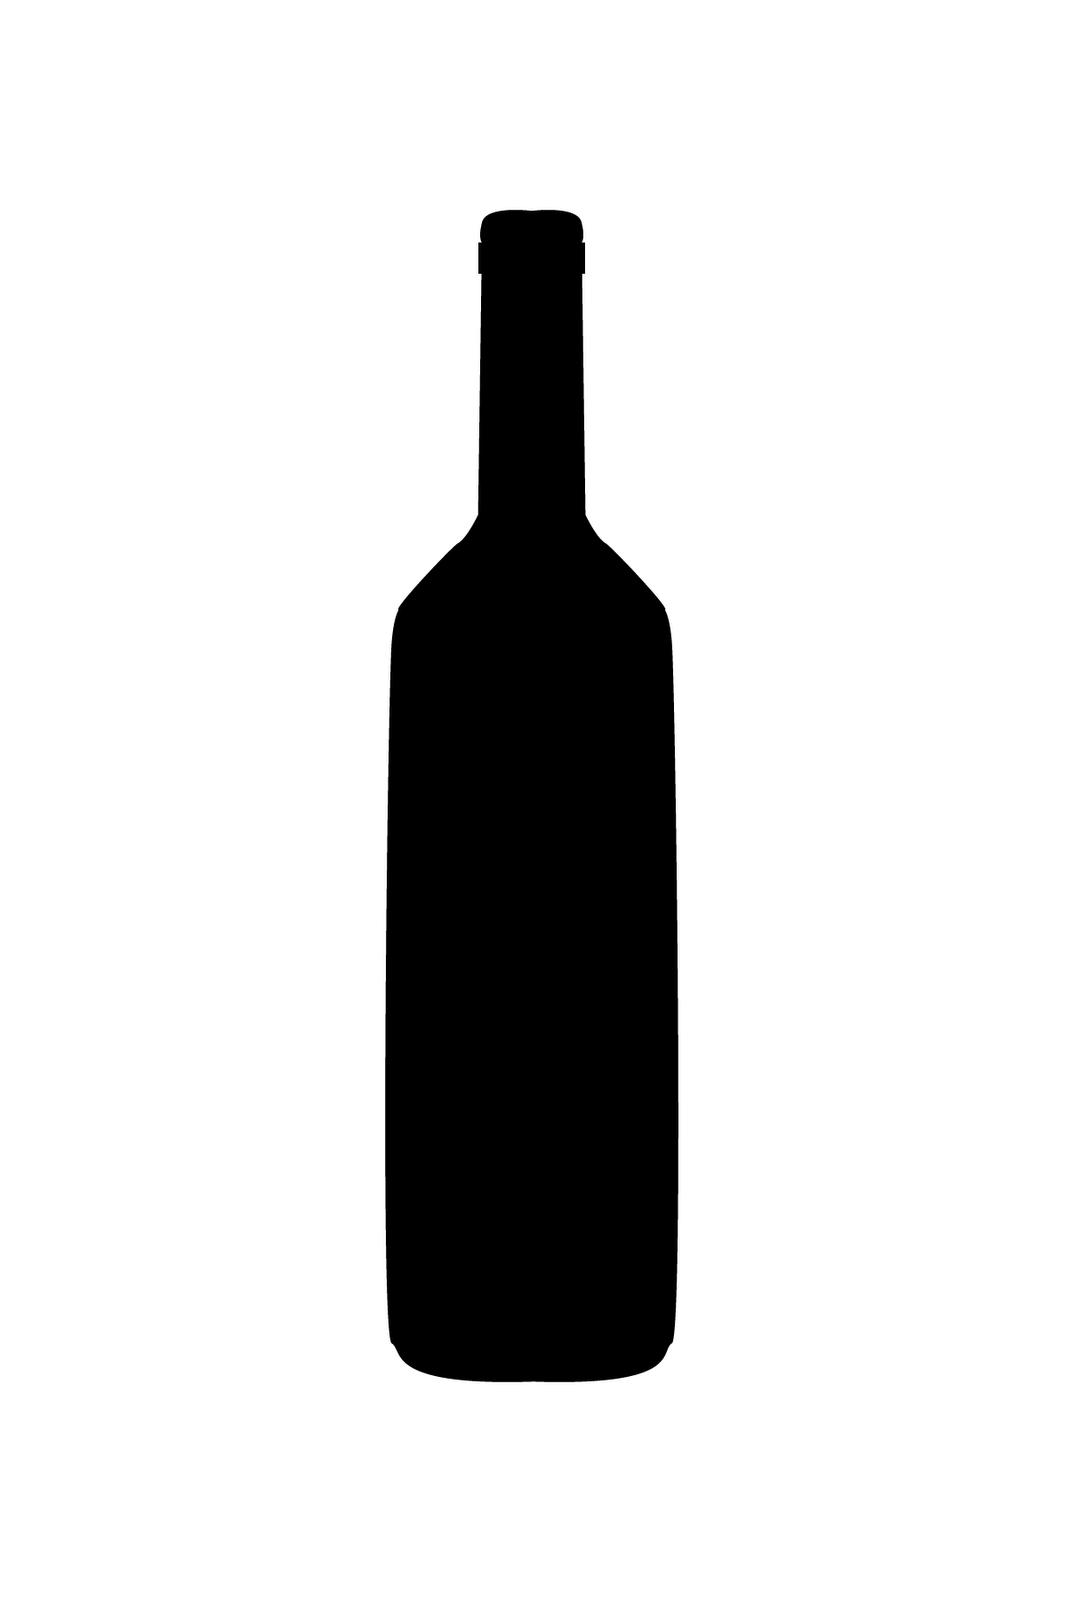 Wine Bottle No Clipart.